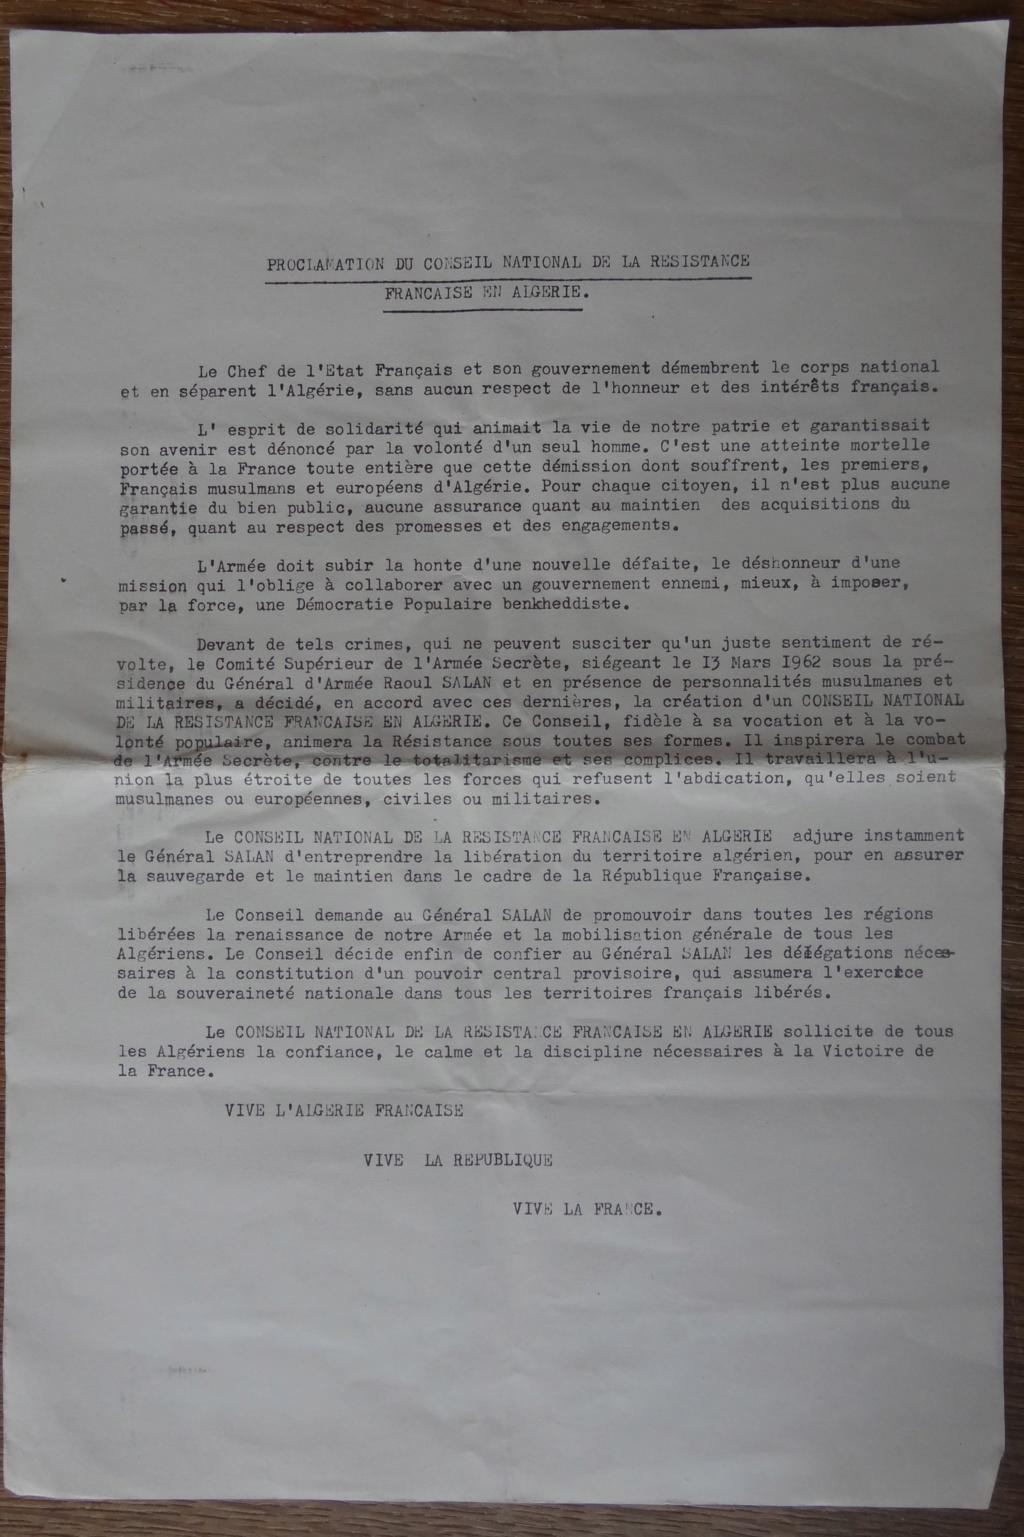 OAS - guerre d'Algérie - documents d'époque? Dsc01516